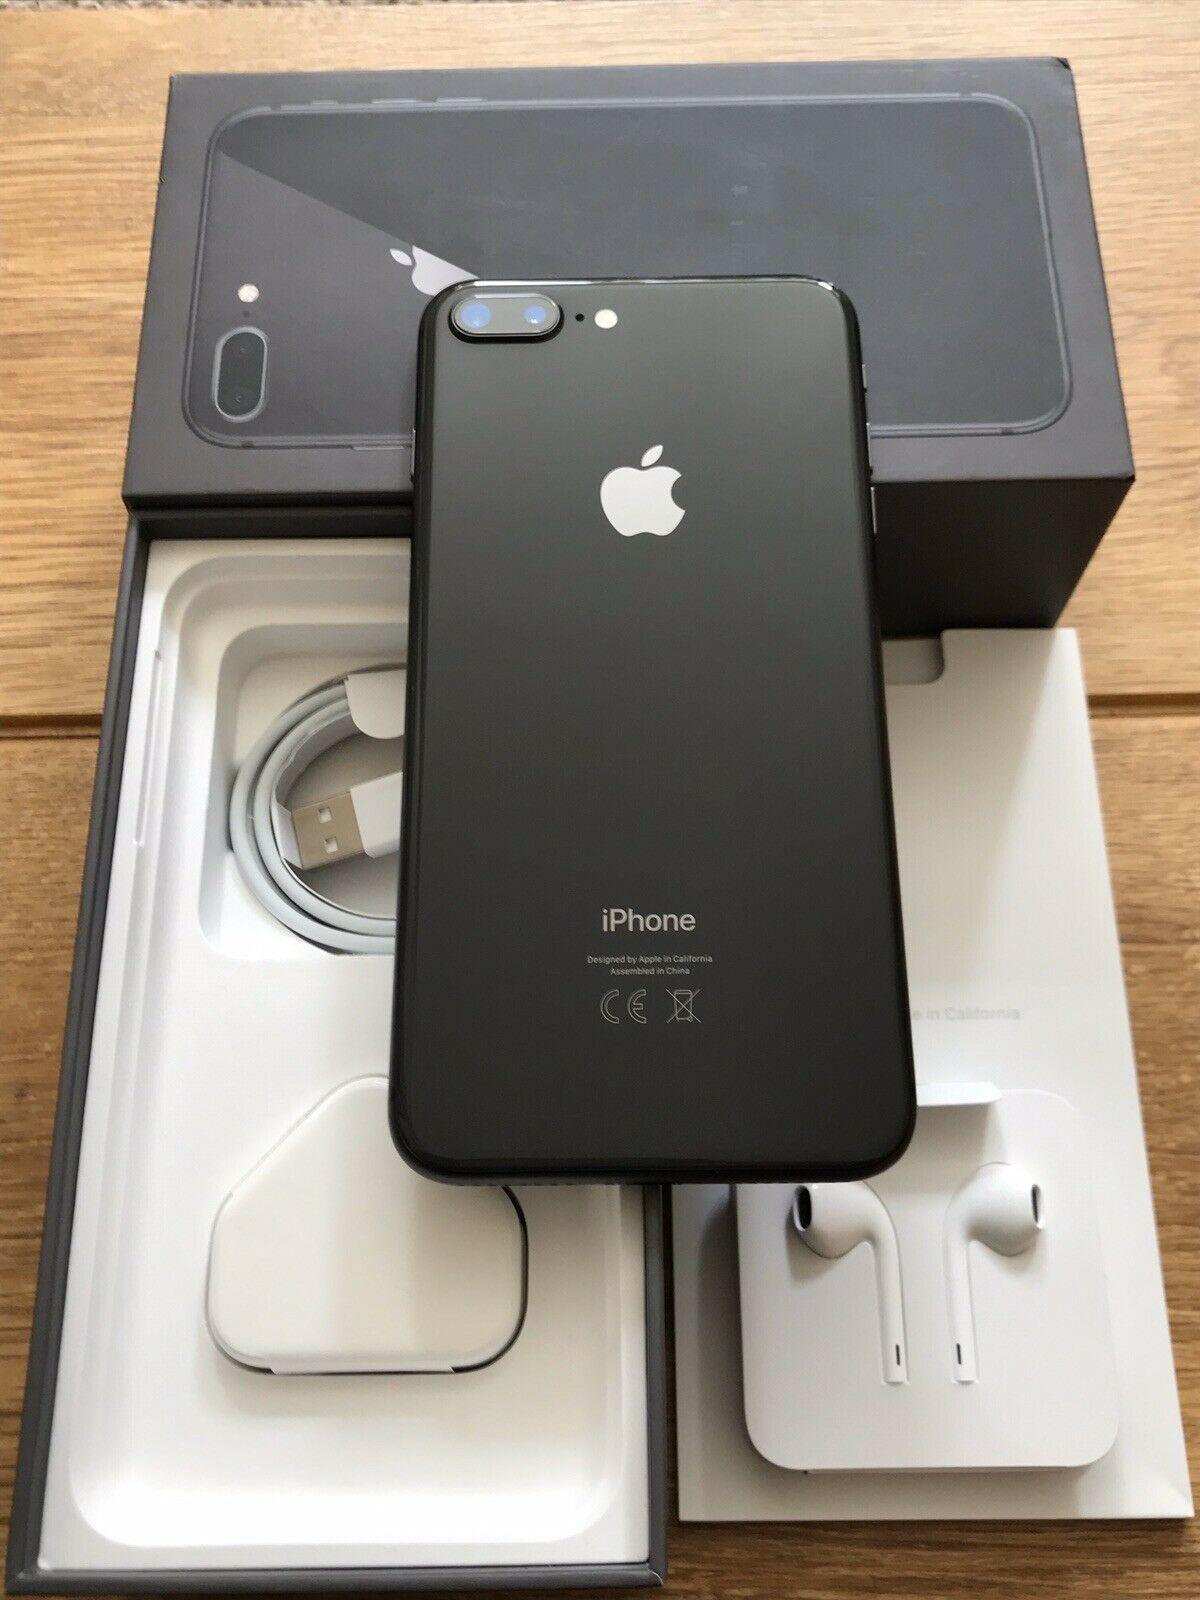 Apple iPhone 8 PLUS - 64GB Space grey UNLOCKED - HollySale ...